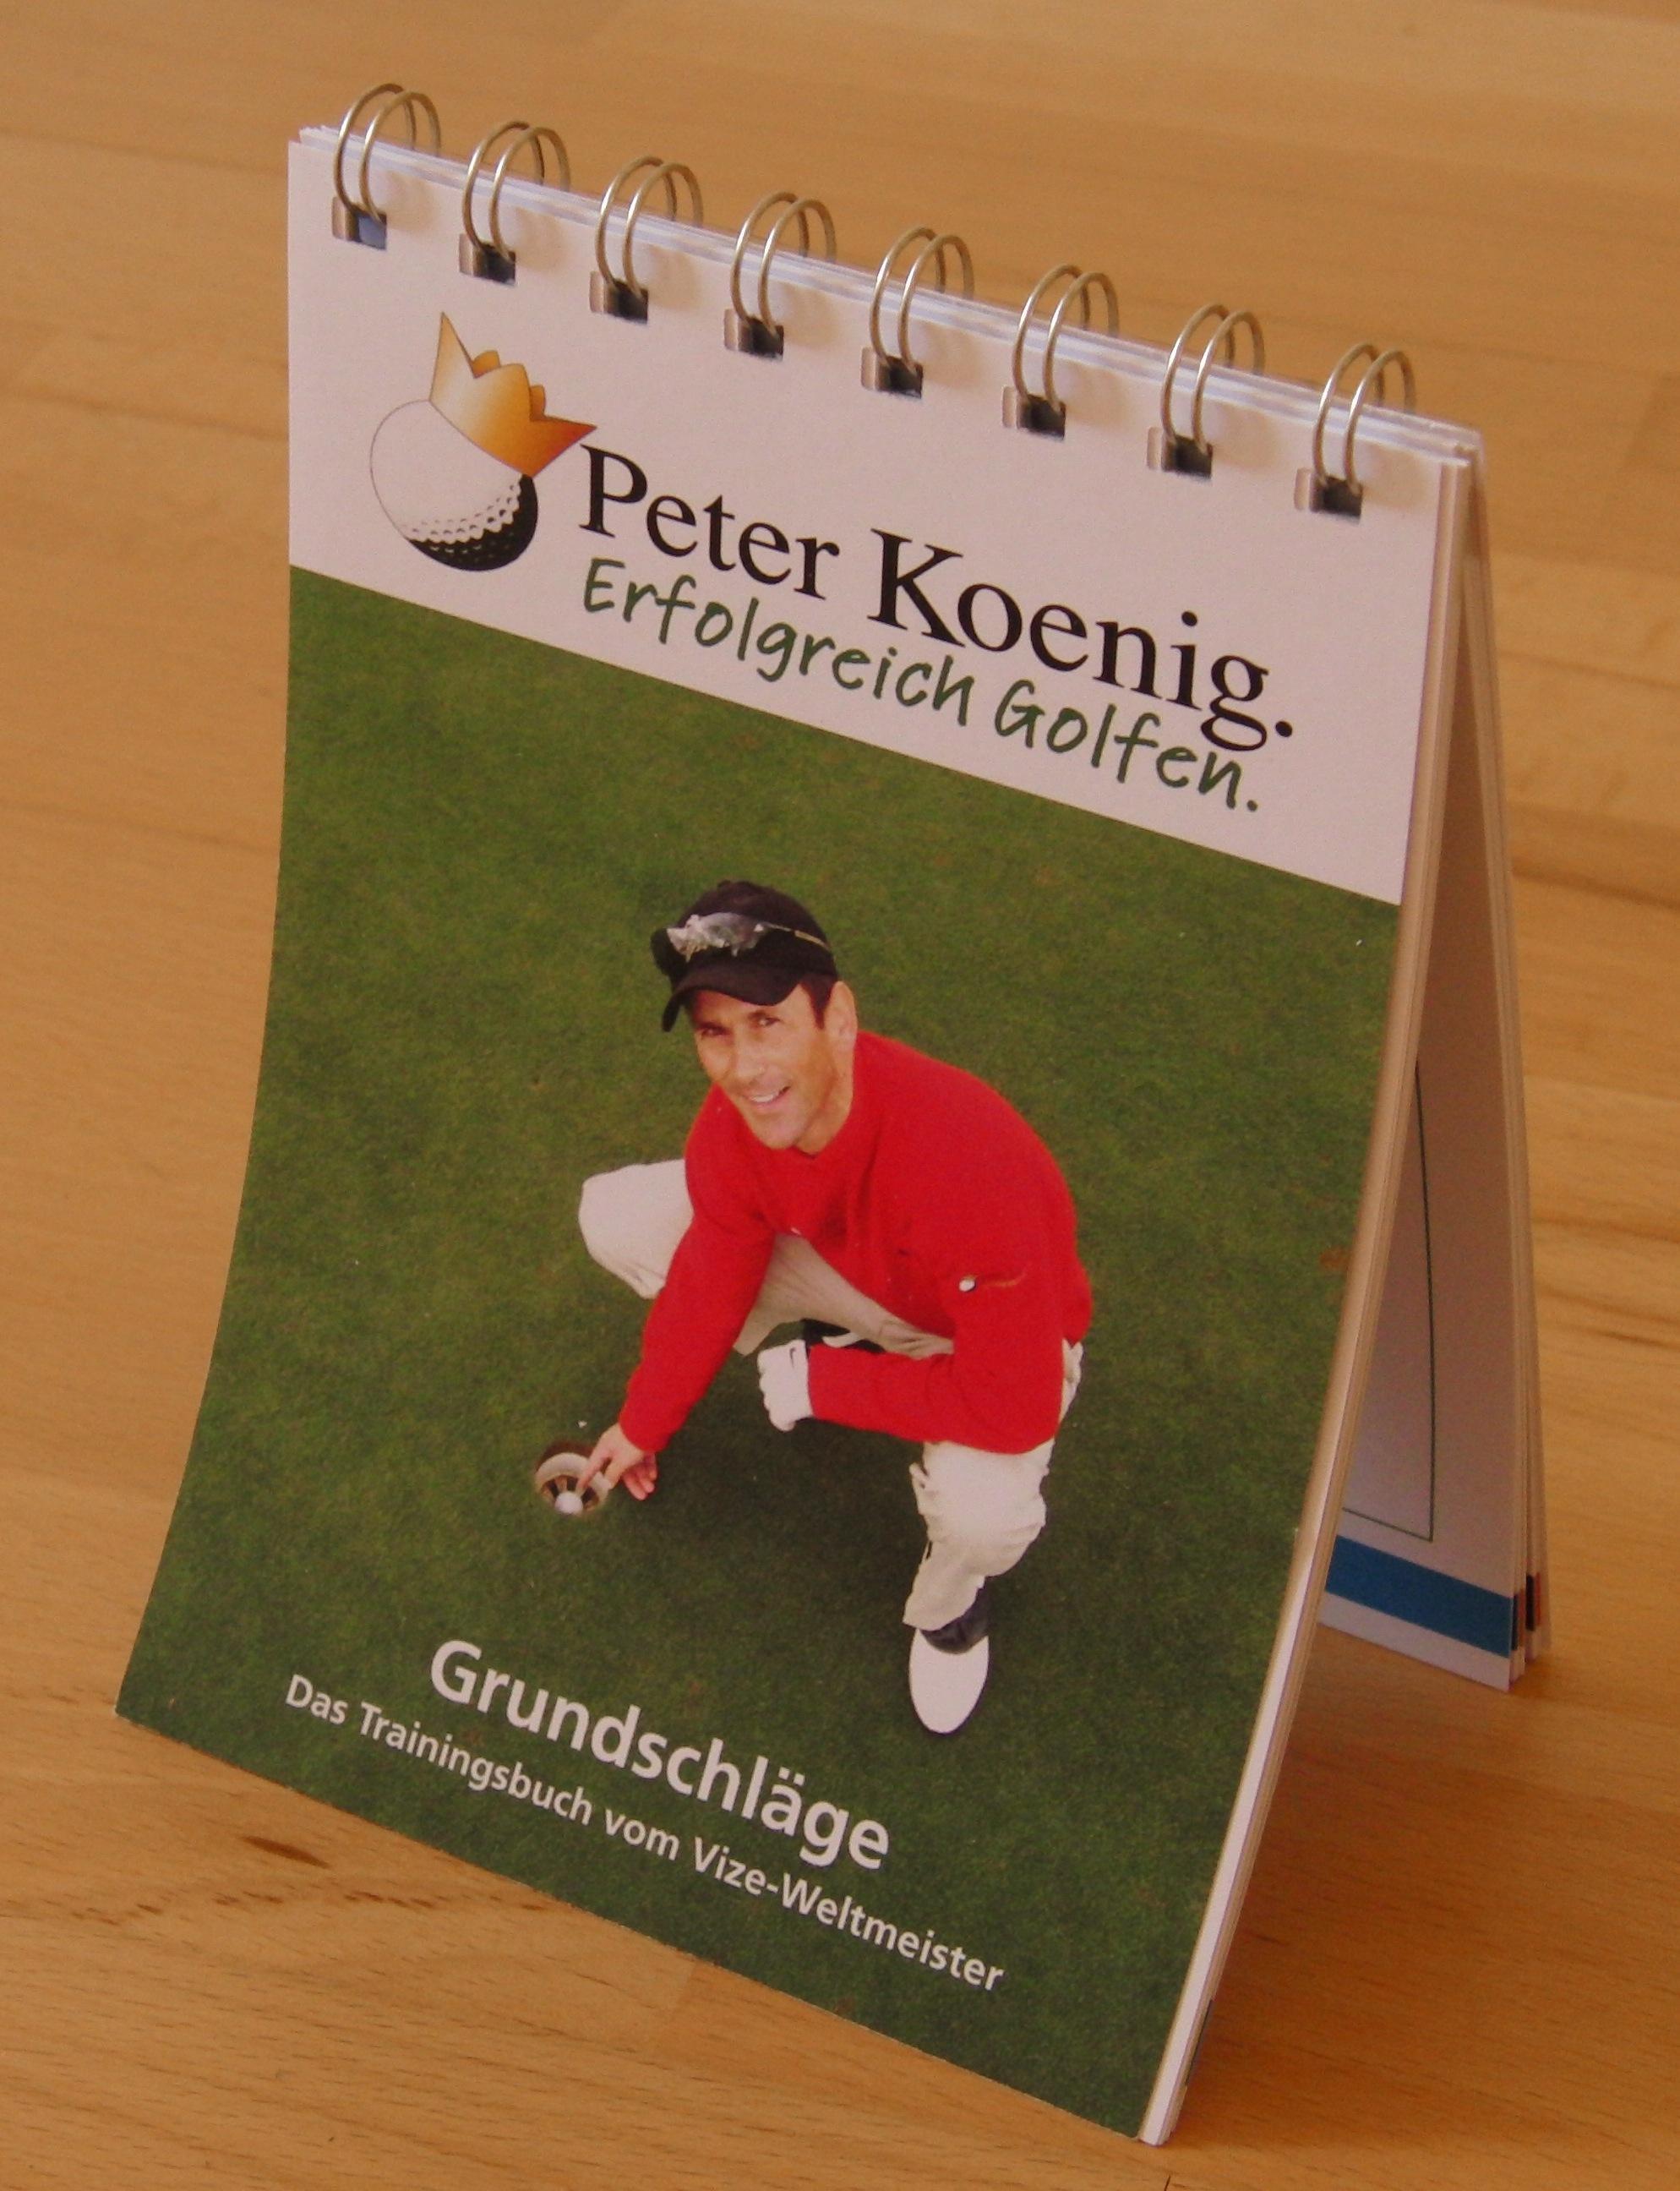 erfolgreich golfen - Grundschläge - Koenig, Peter